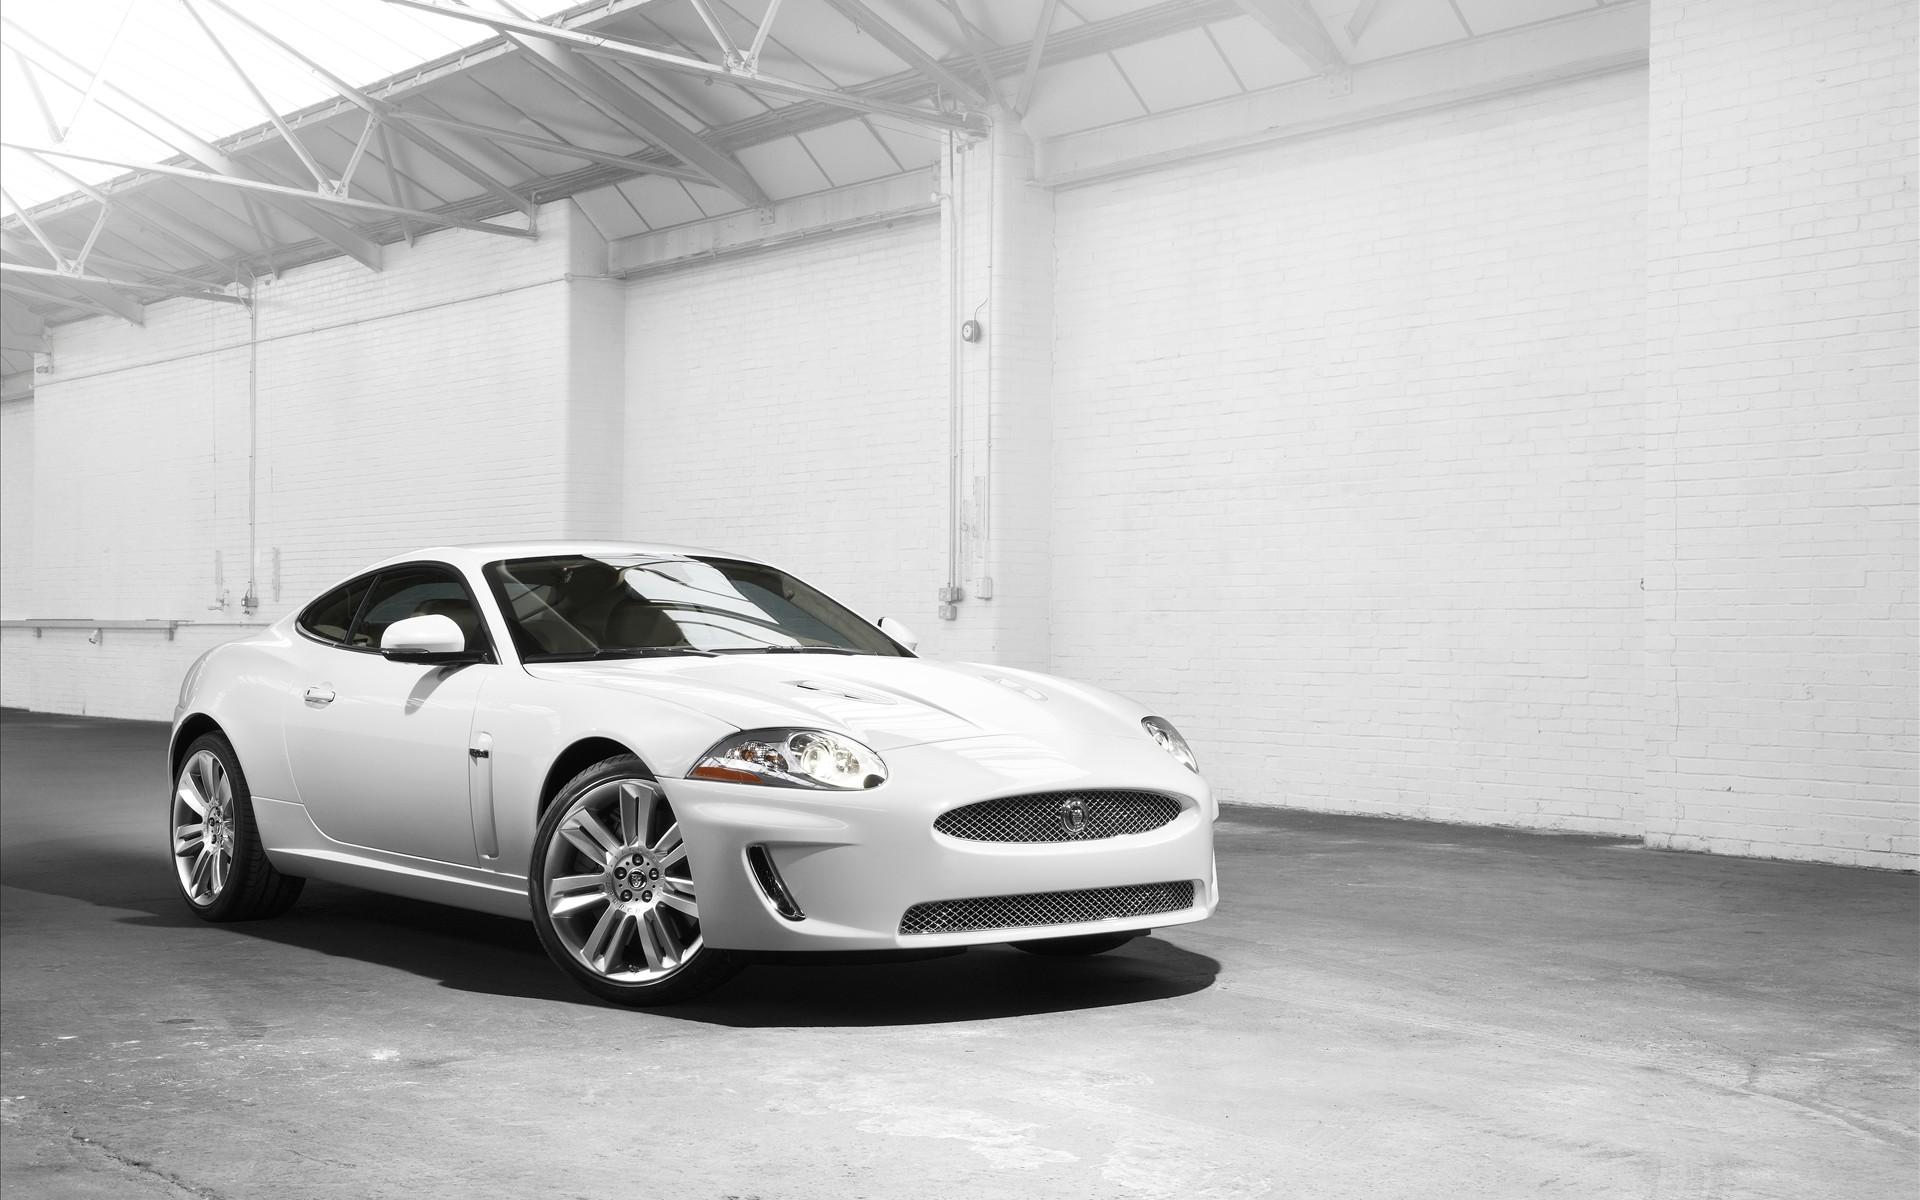 cool white car wallpaper 32700